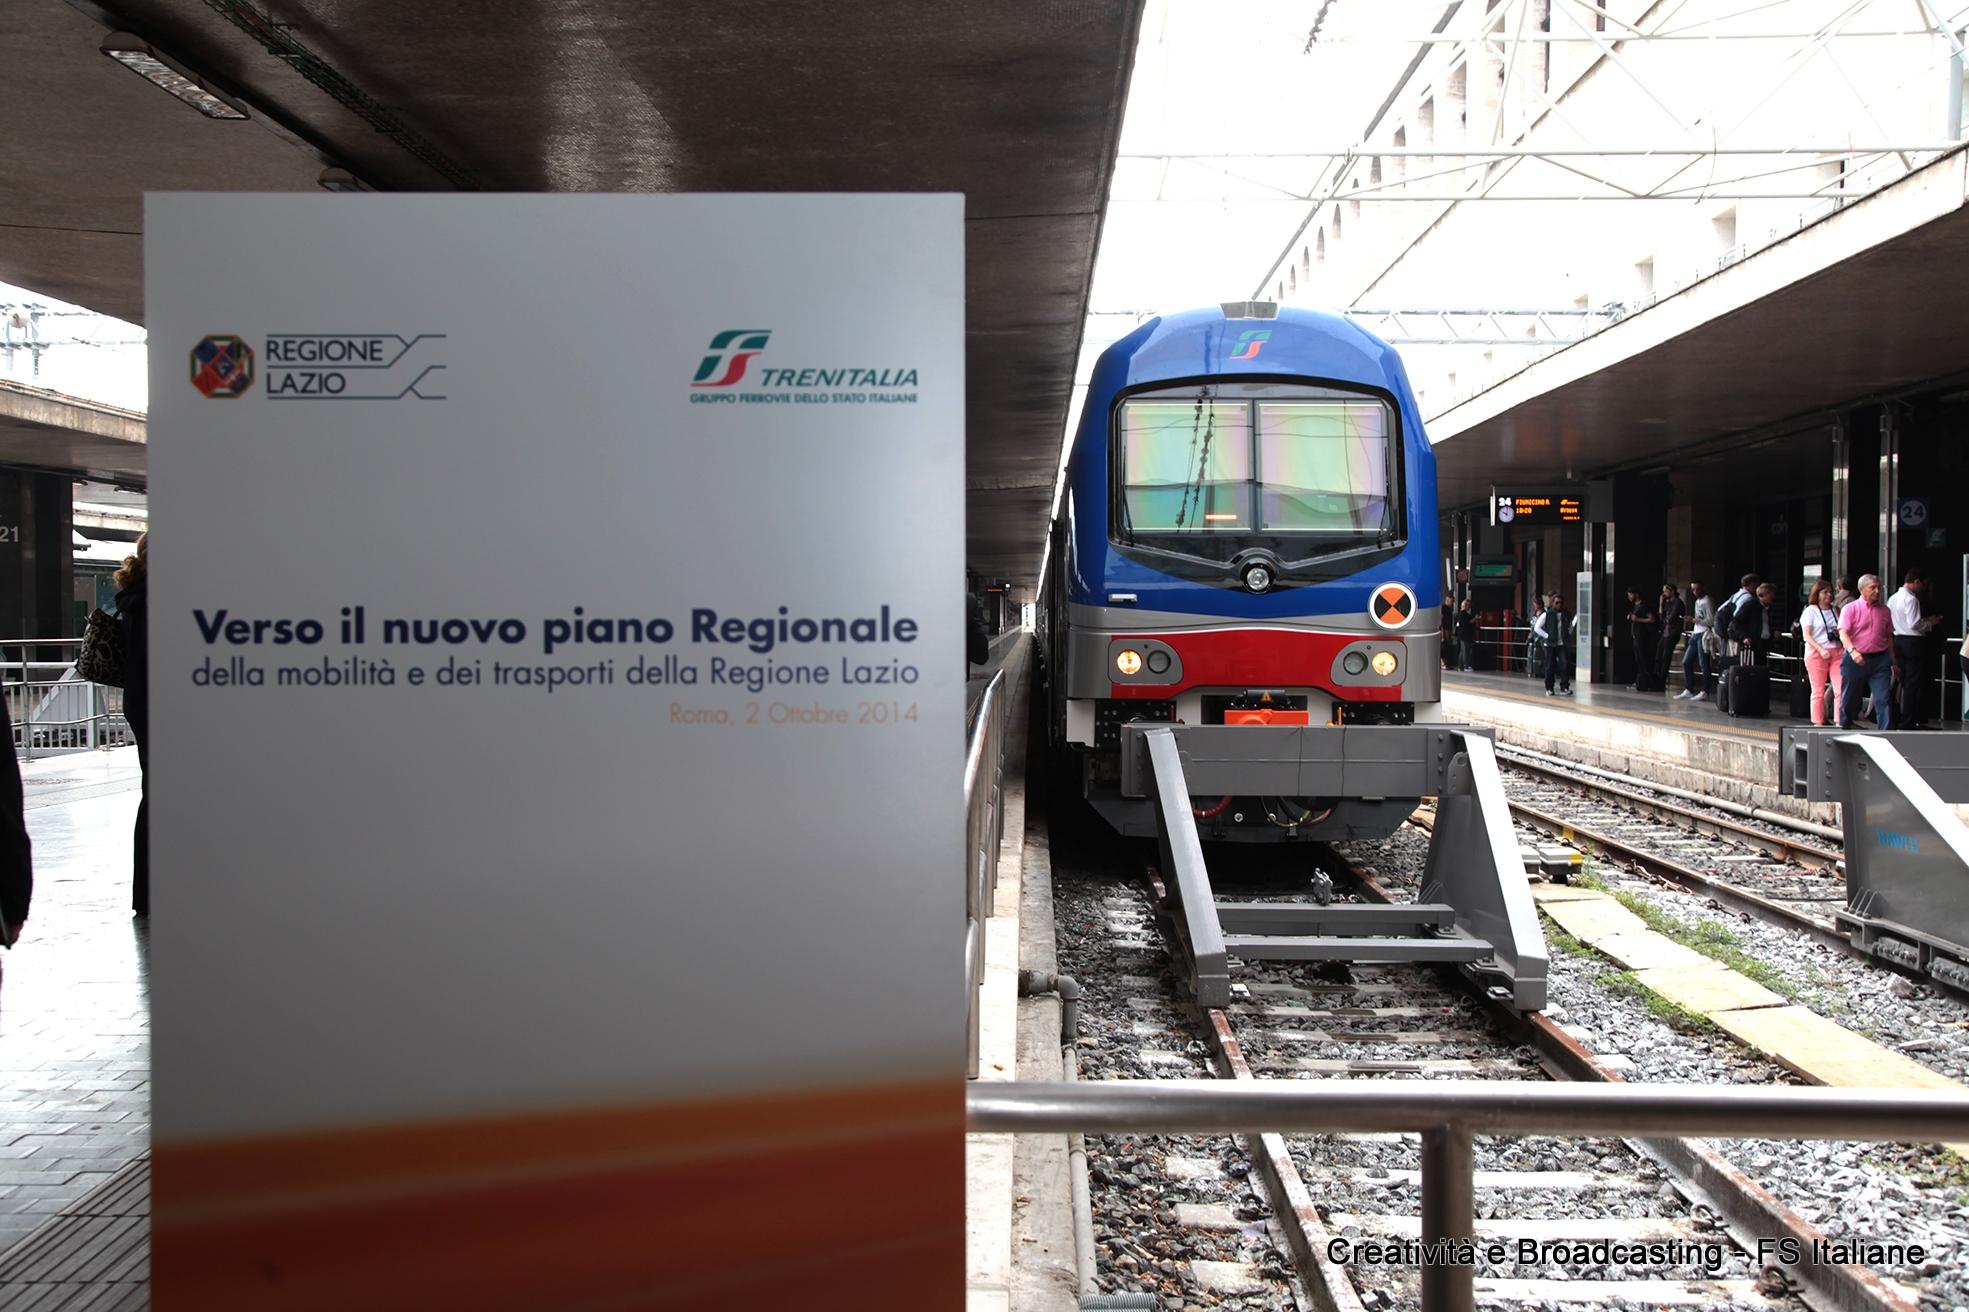 Il nuovo Vivalto Regione Lazio - Foto Gruppo Ferrovie dello Stato Italiane